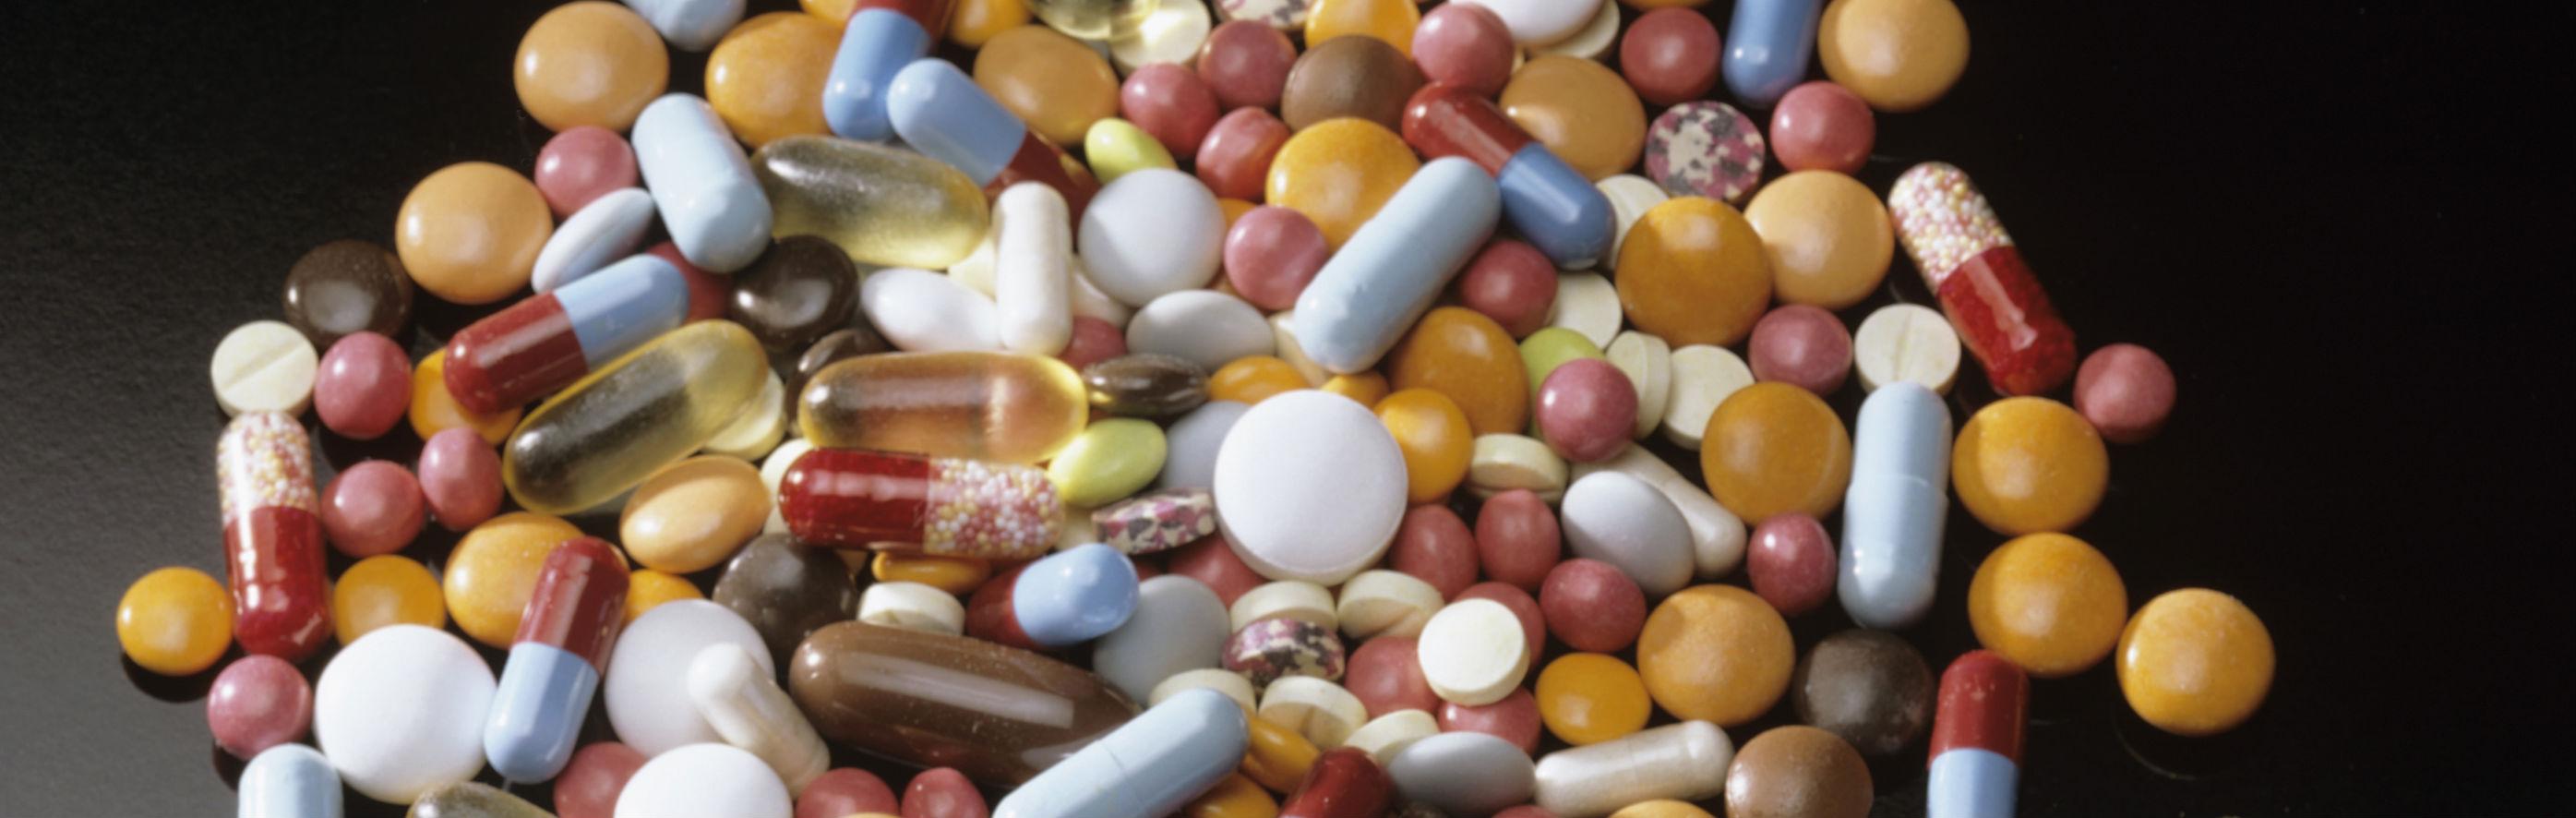 numerosos medicamentos ya no entrarán por la seguridad social